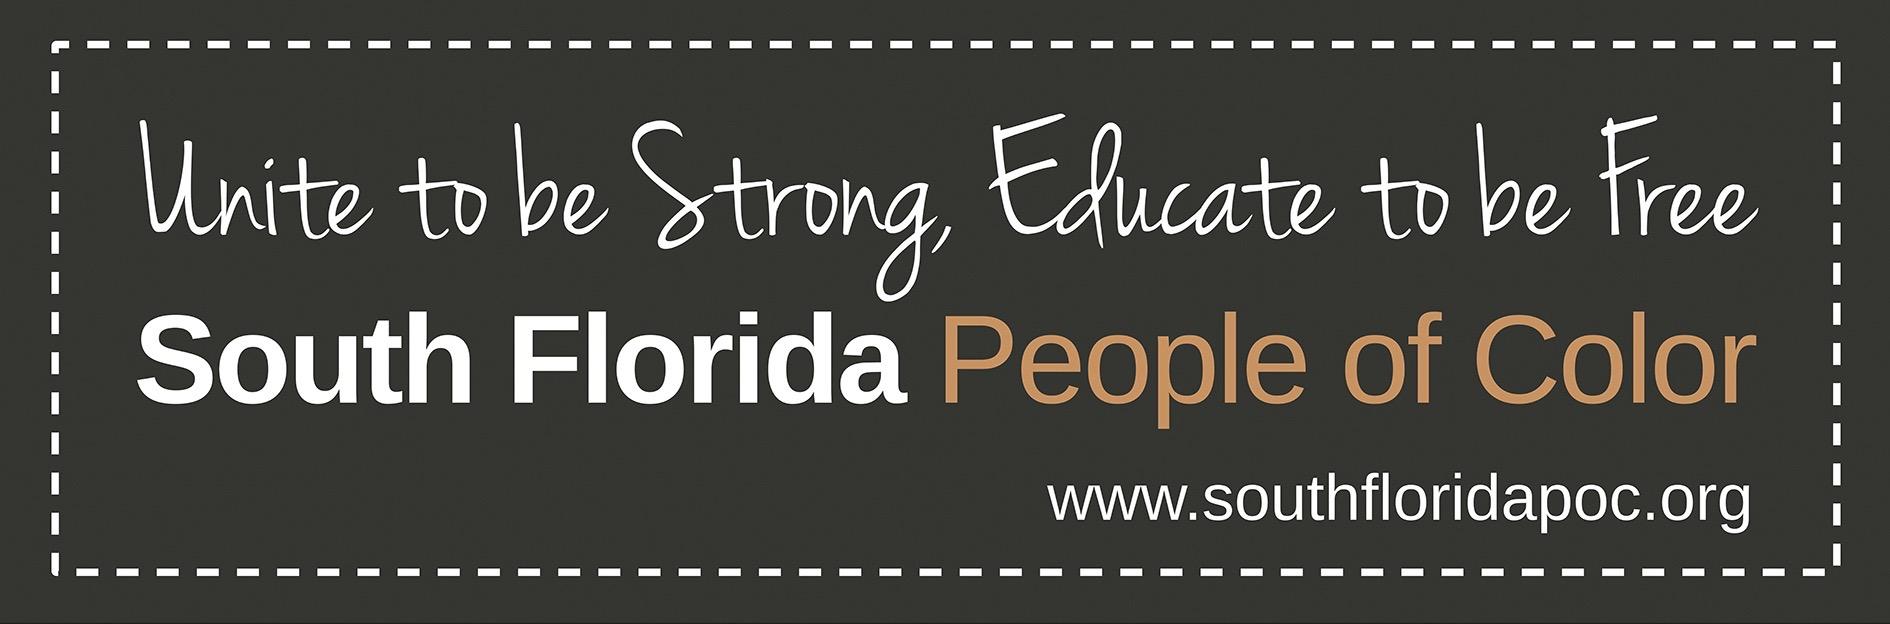 SFPoC logo rectangle with website.jpg